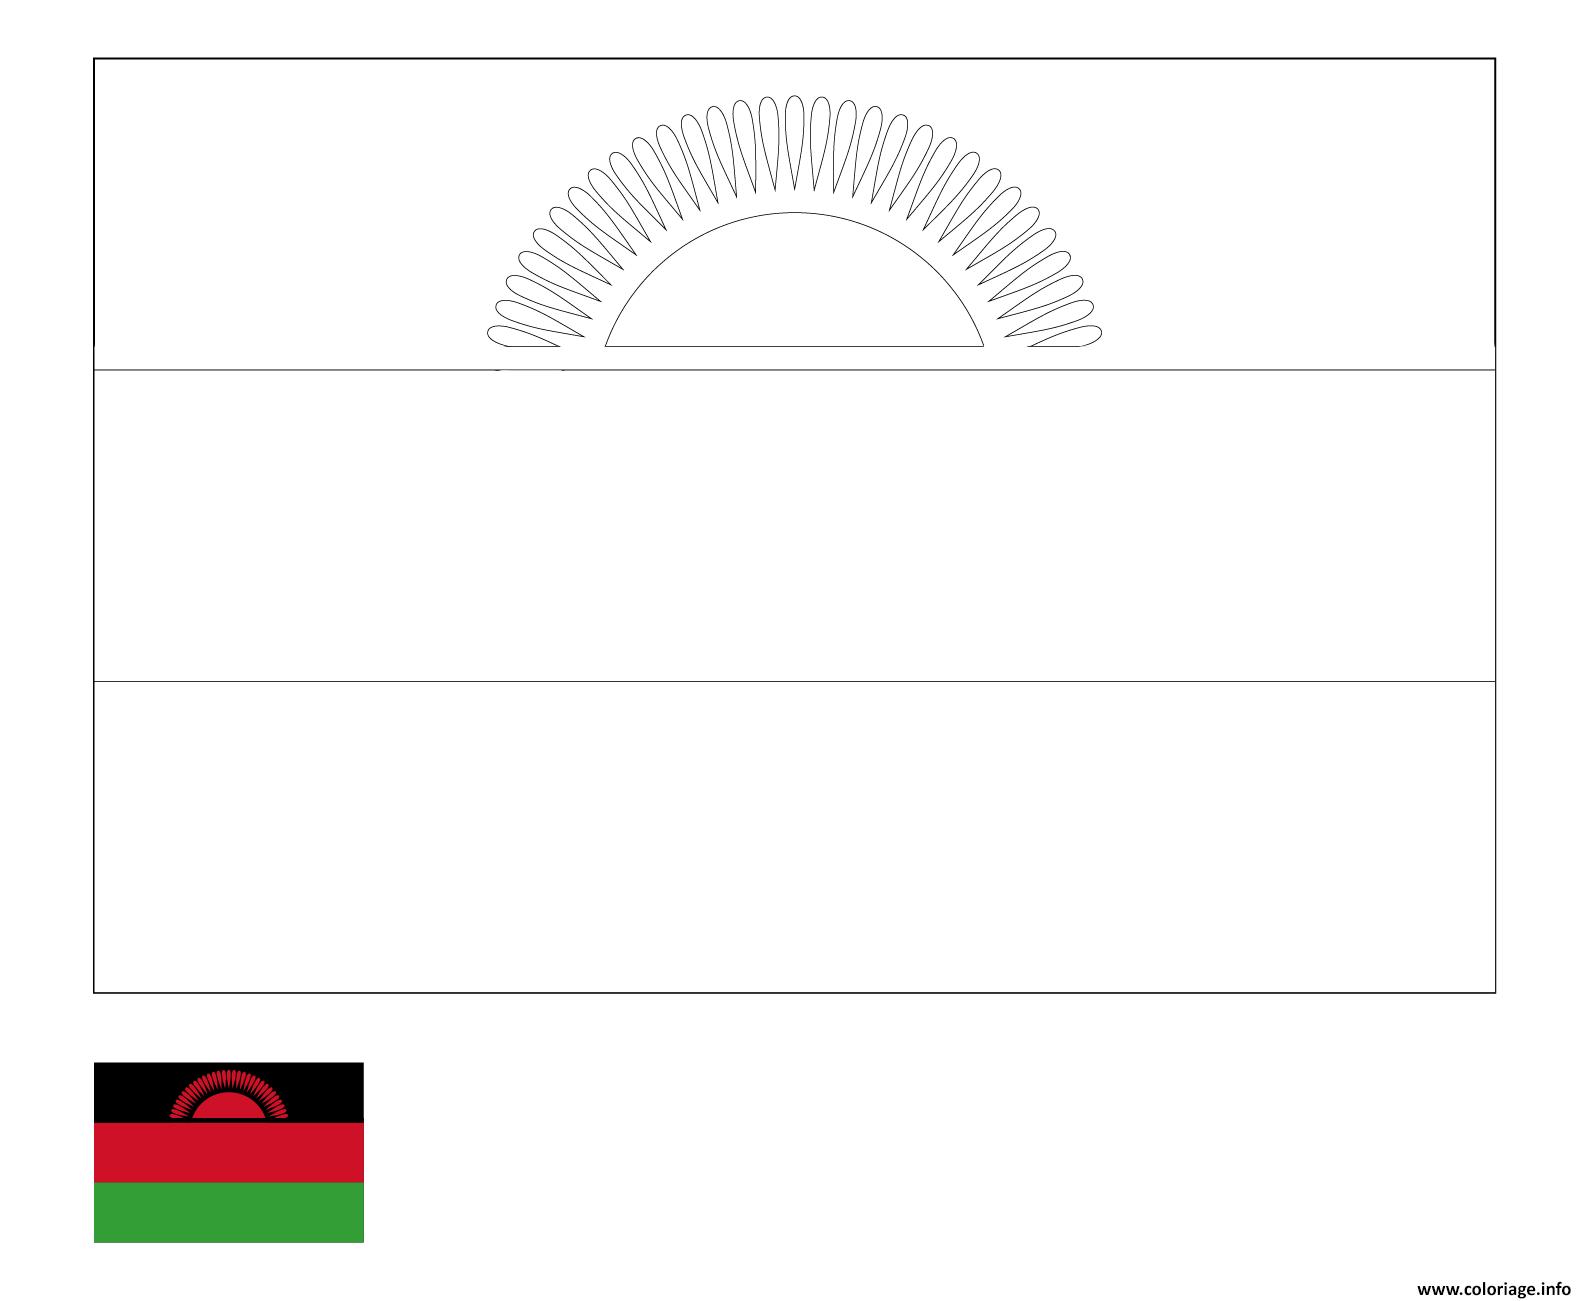 Dessin drapeau malawi pays afrique de lest Coloriage Gratuit à Imprimer